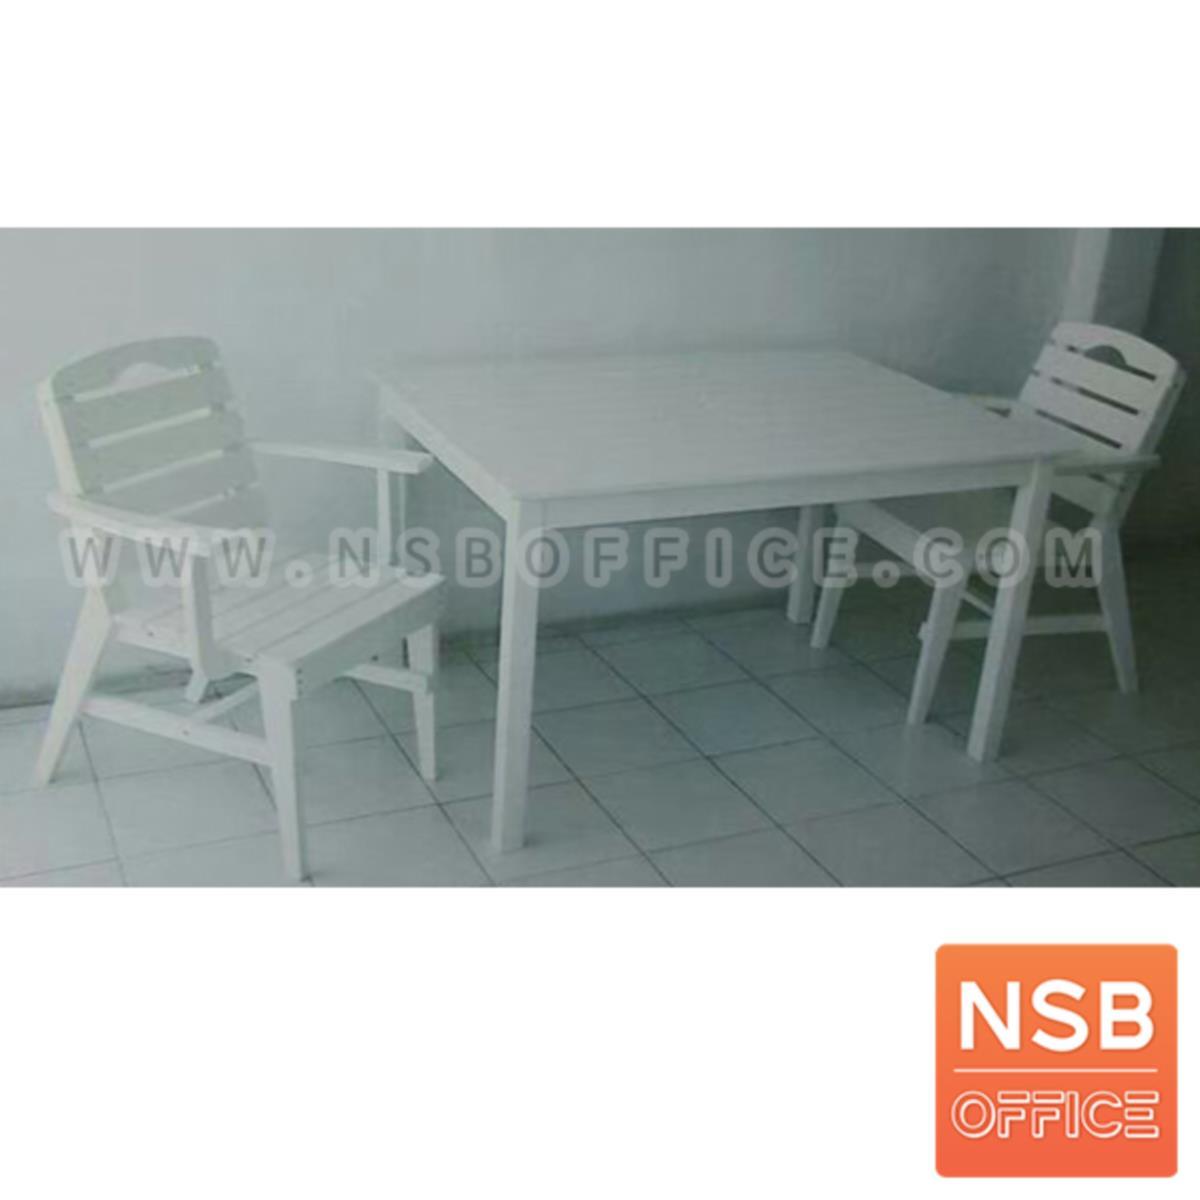 G20A011:ชุดโต๊ะสนามไม้ยางพารา รุ่น Cadel (คาเดล) โต๊ะขนาด 120W*87D cm.